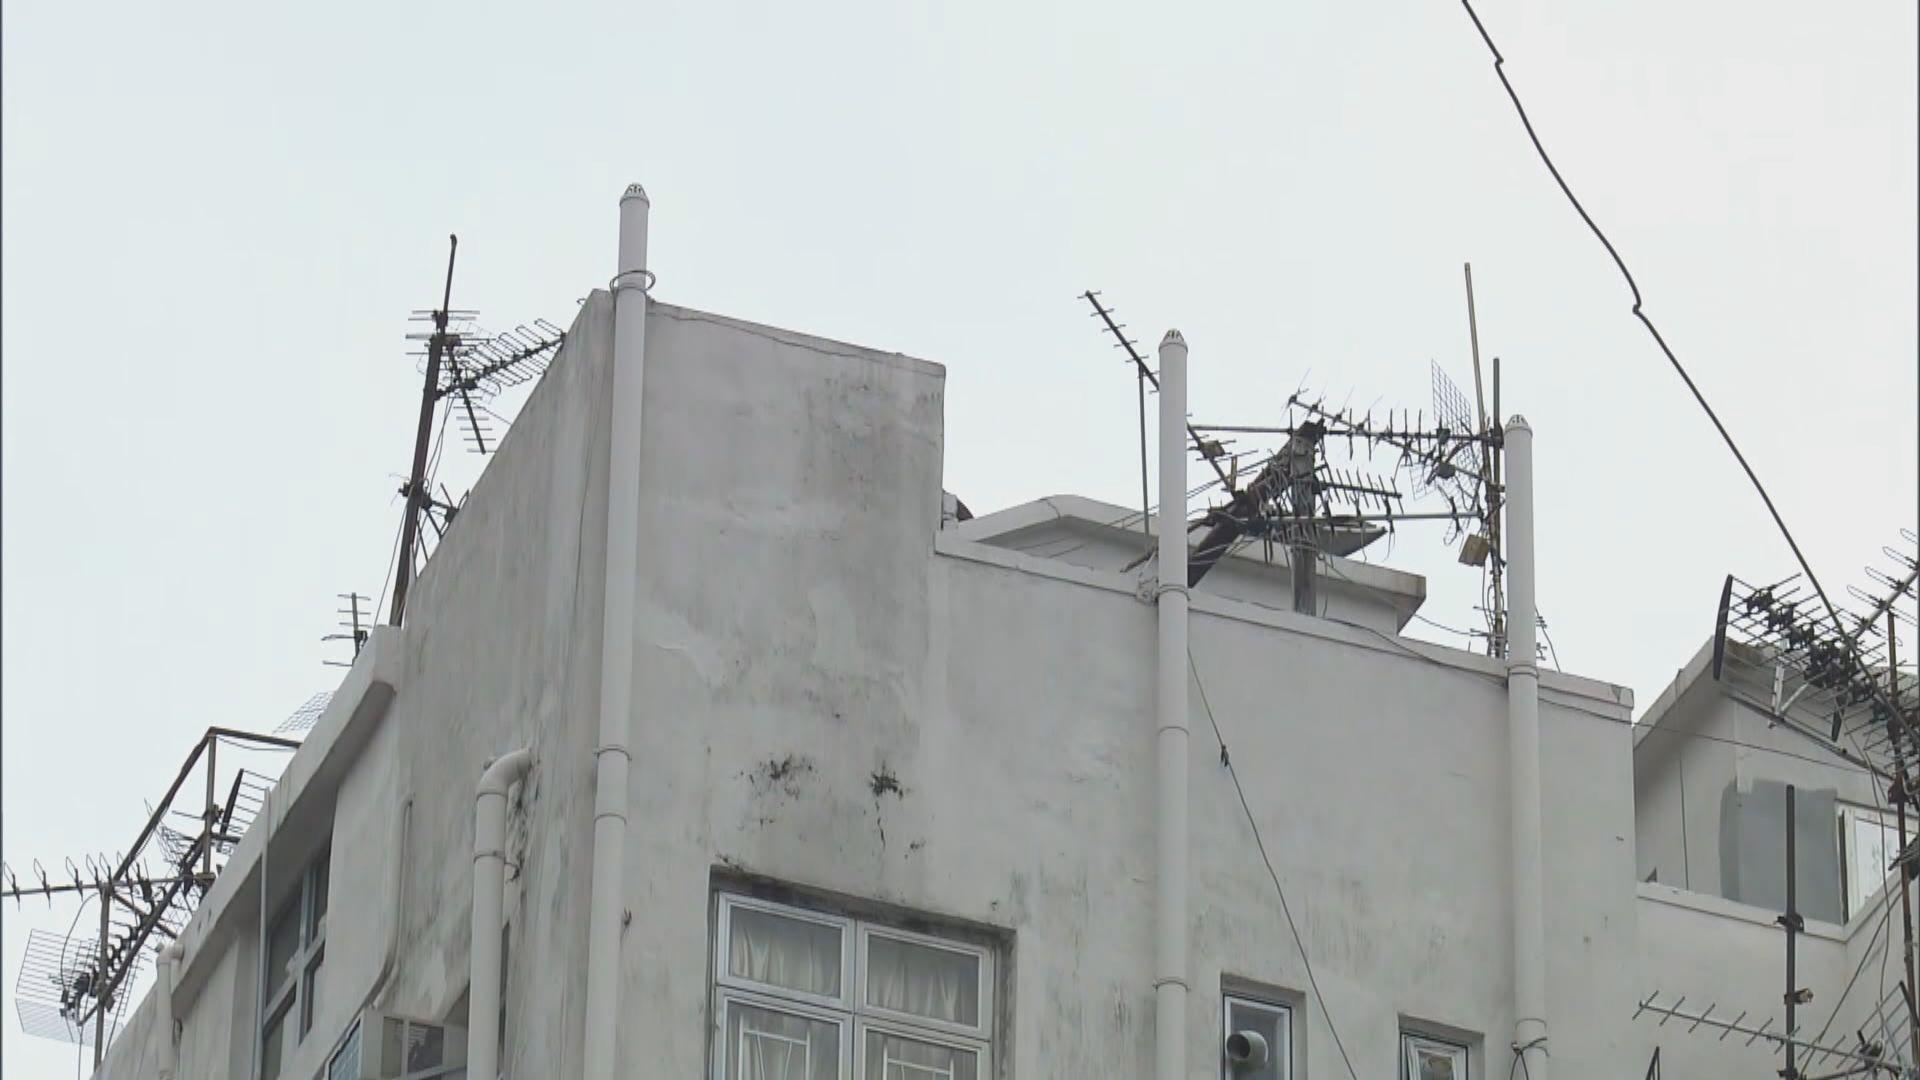 糞渠排氣口常見於天台 專家建議減少逗留天台活動